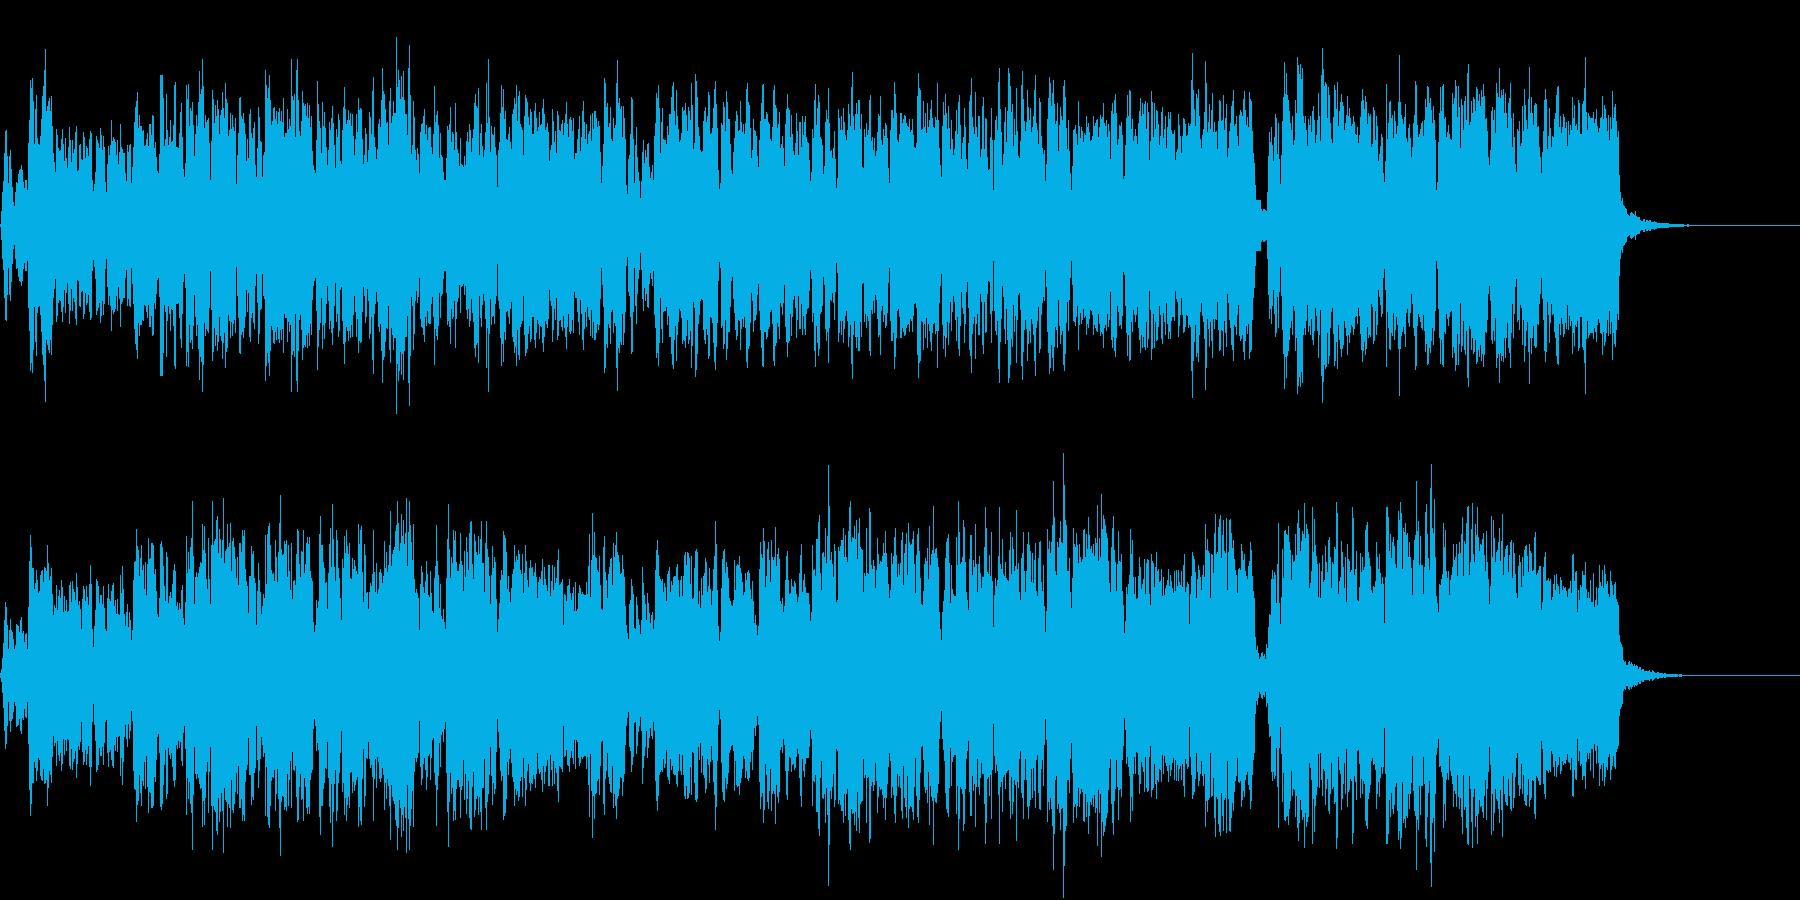 賛美歌風・混声合唱風・クリスマスの再生済みの波形